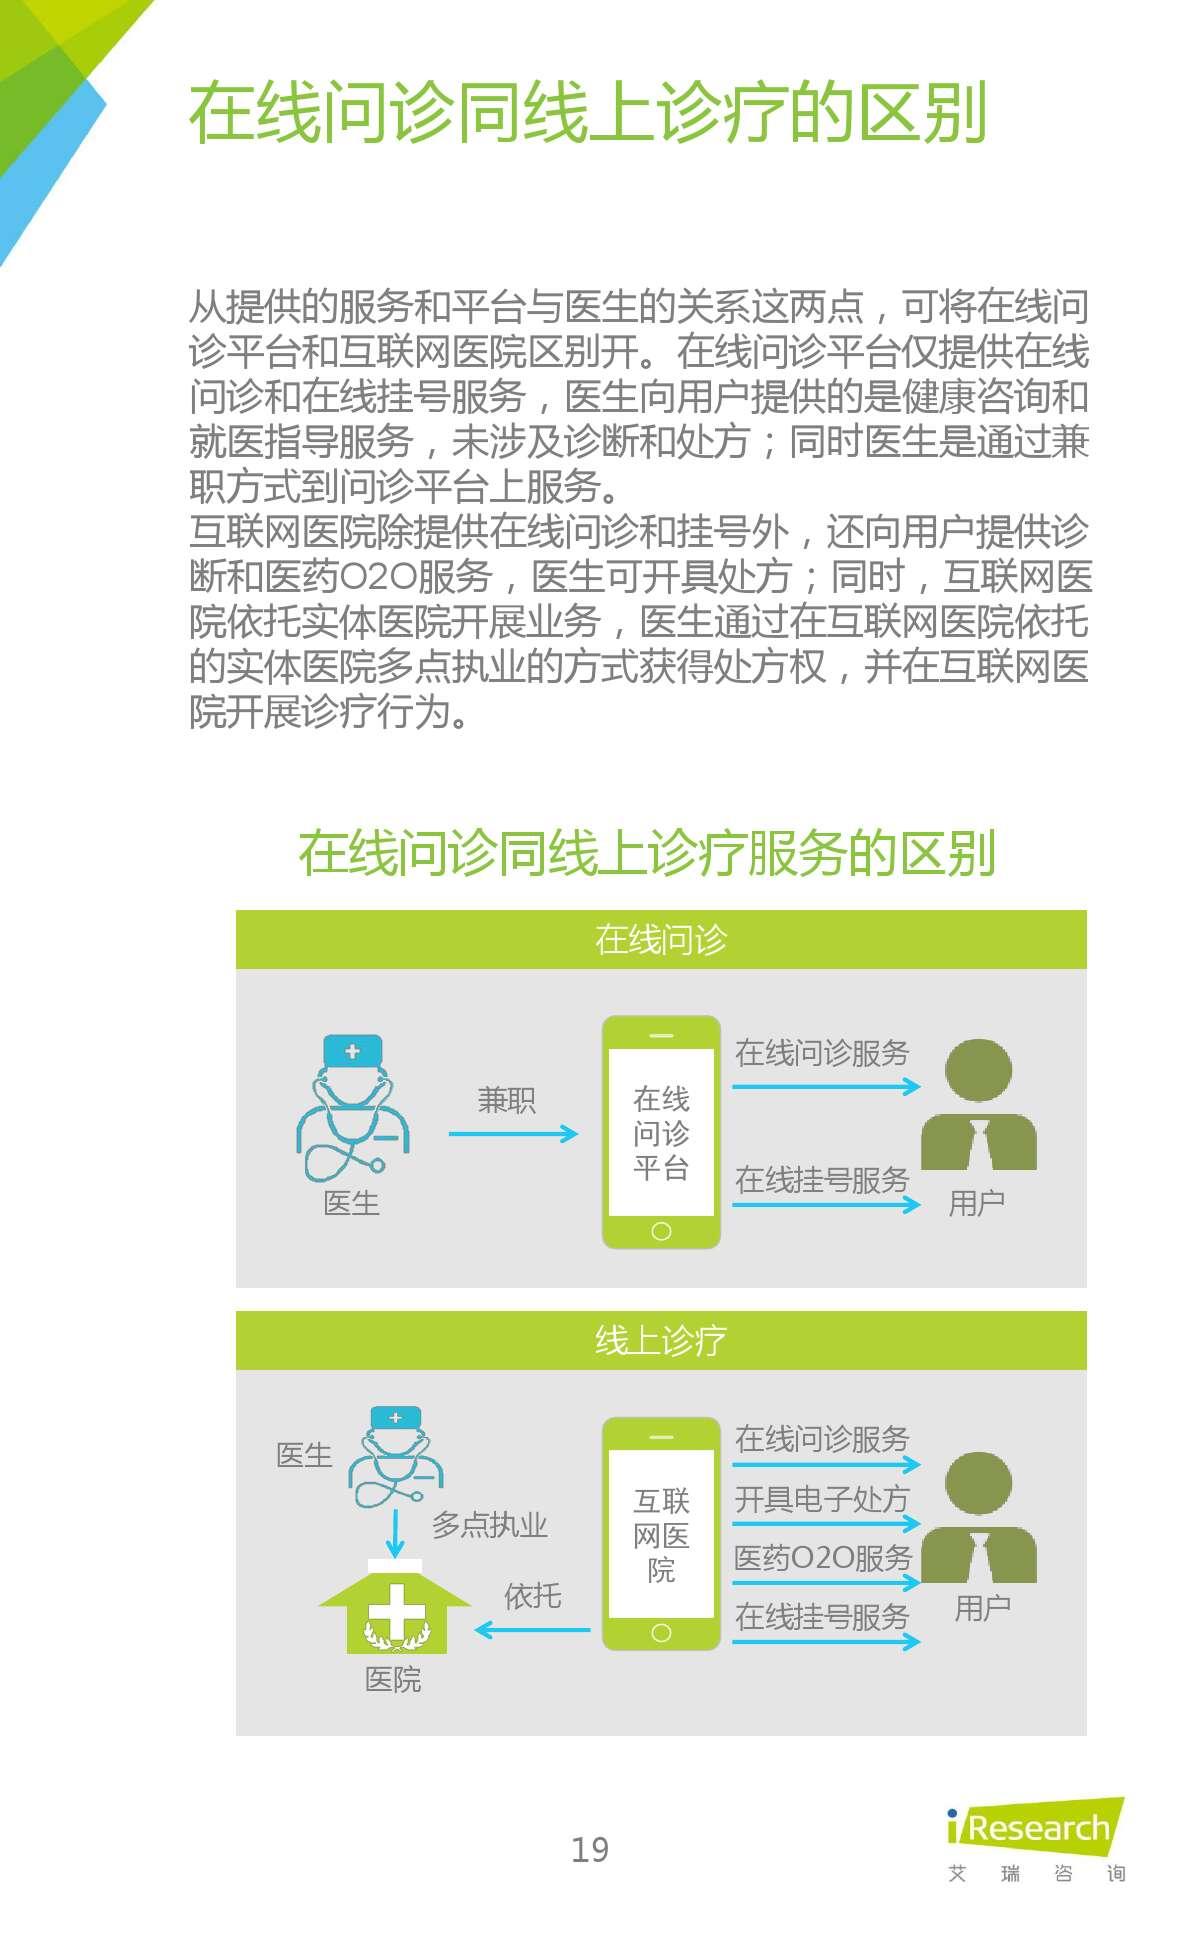 2015年中国在线问诊行业研究报告_000019